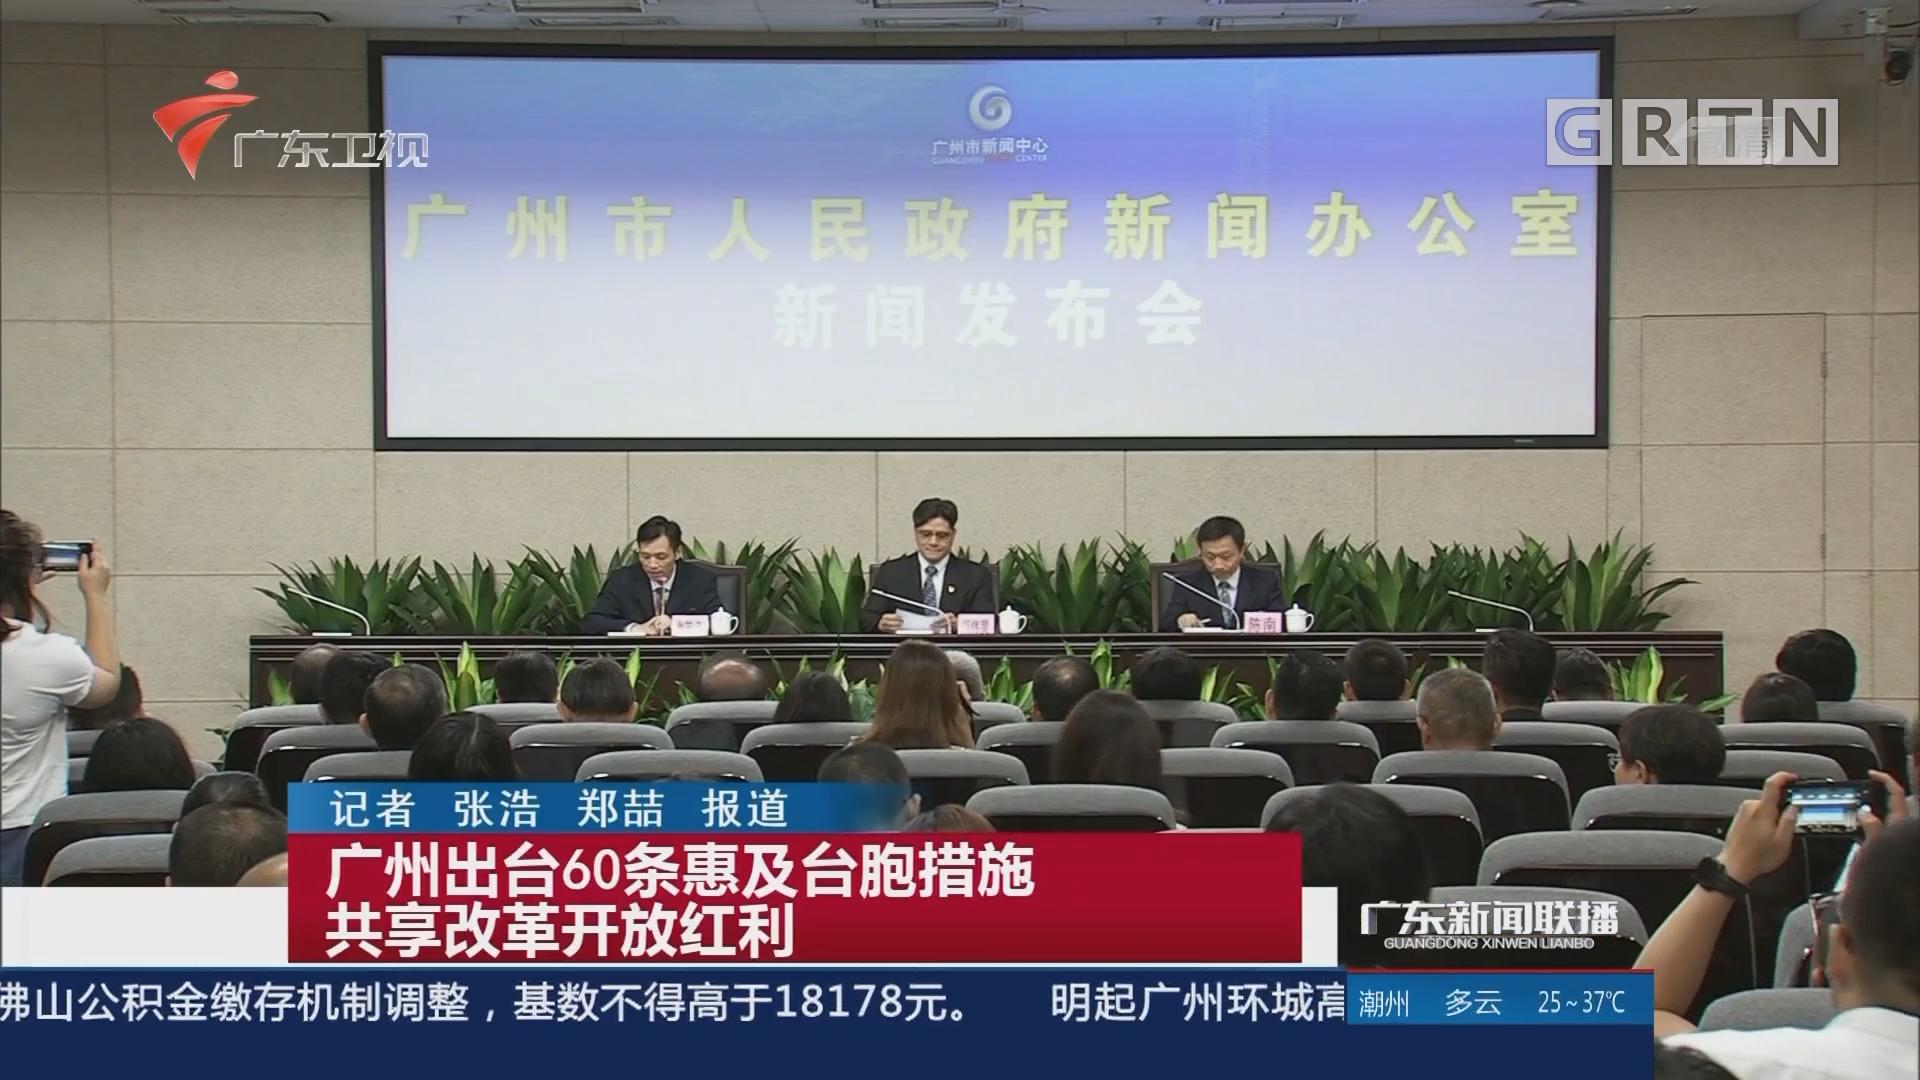 广州出台60条惠及台胞措施共享改革开放红利